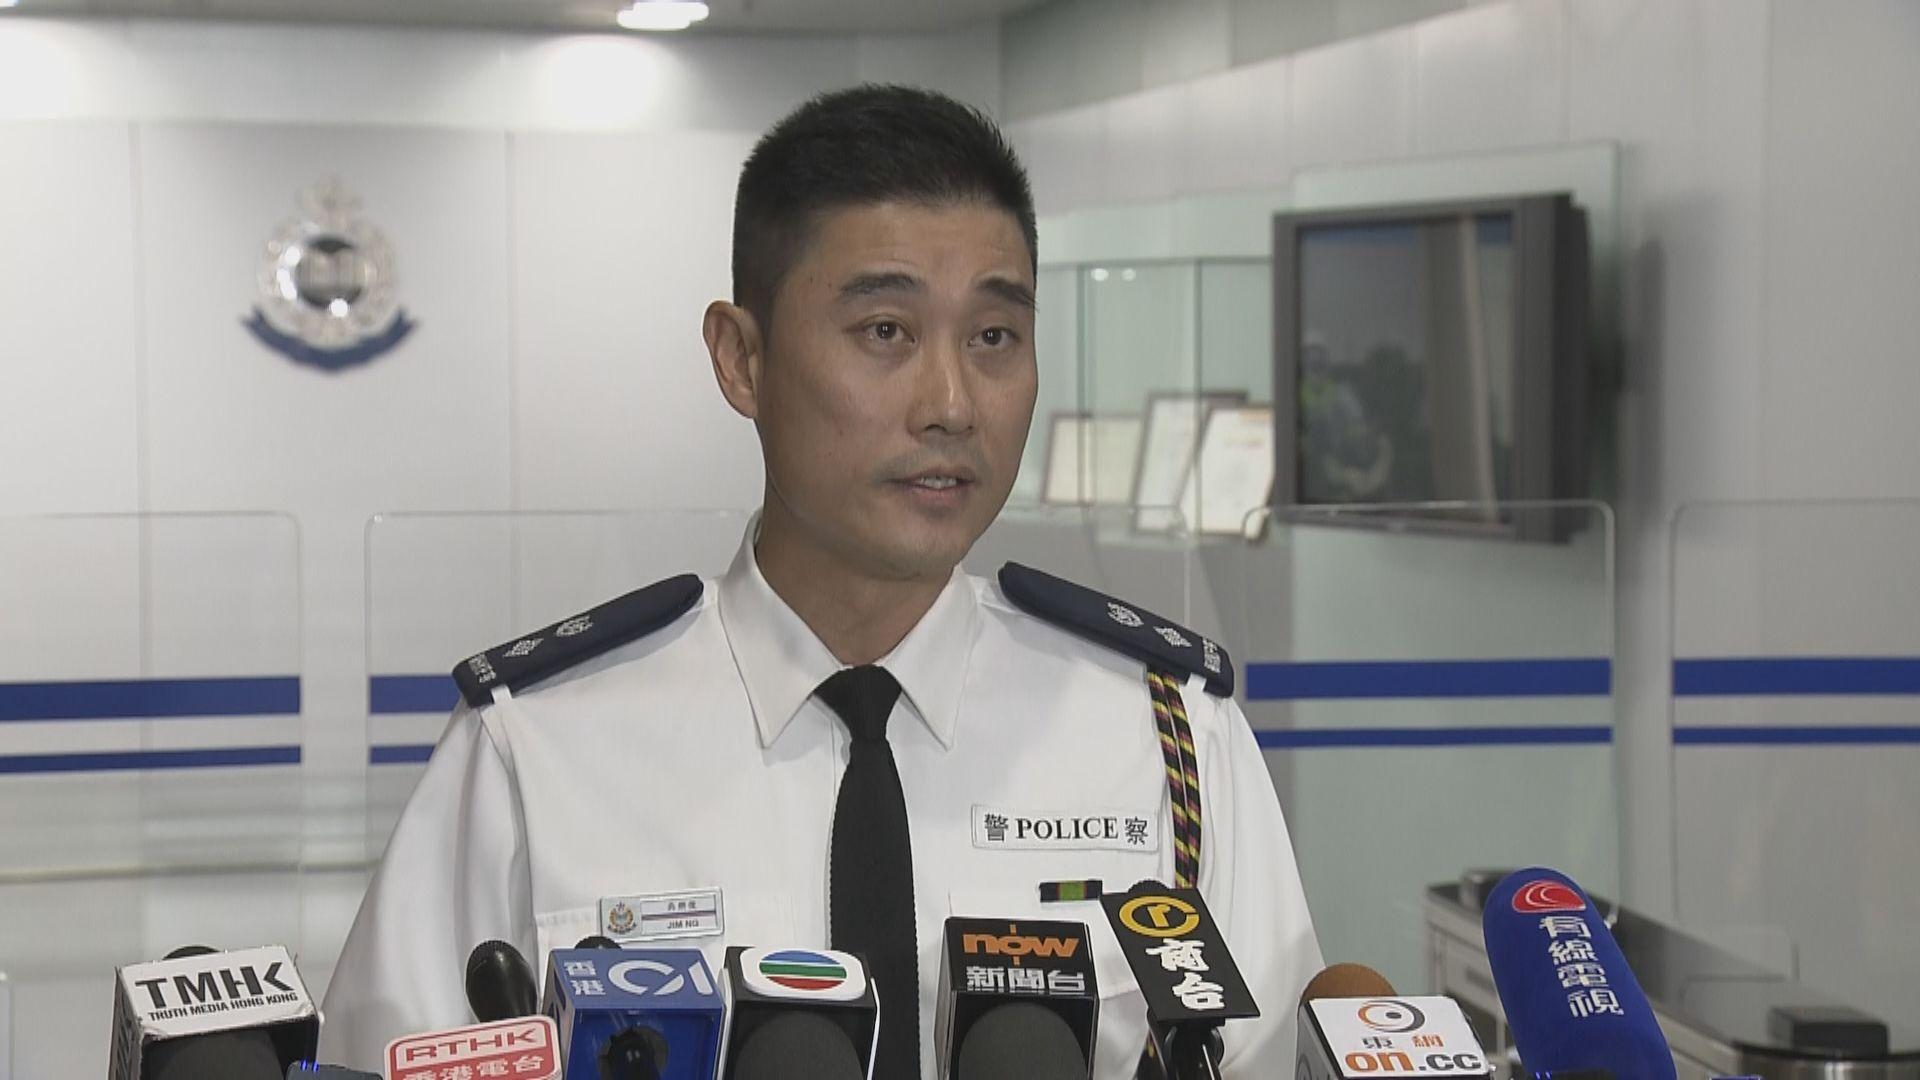 警方在集會前拘捕最少八人 涉嫌攜有攻擊性武器